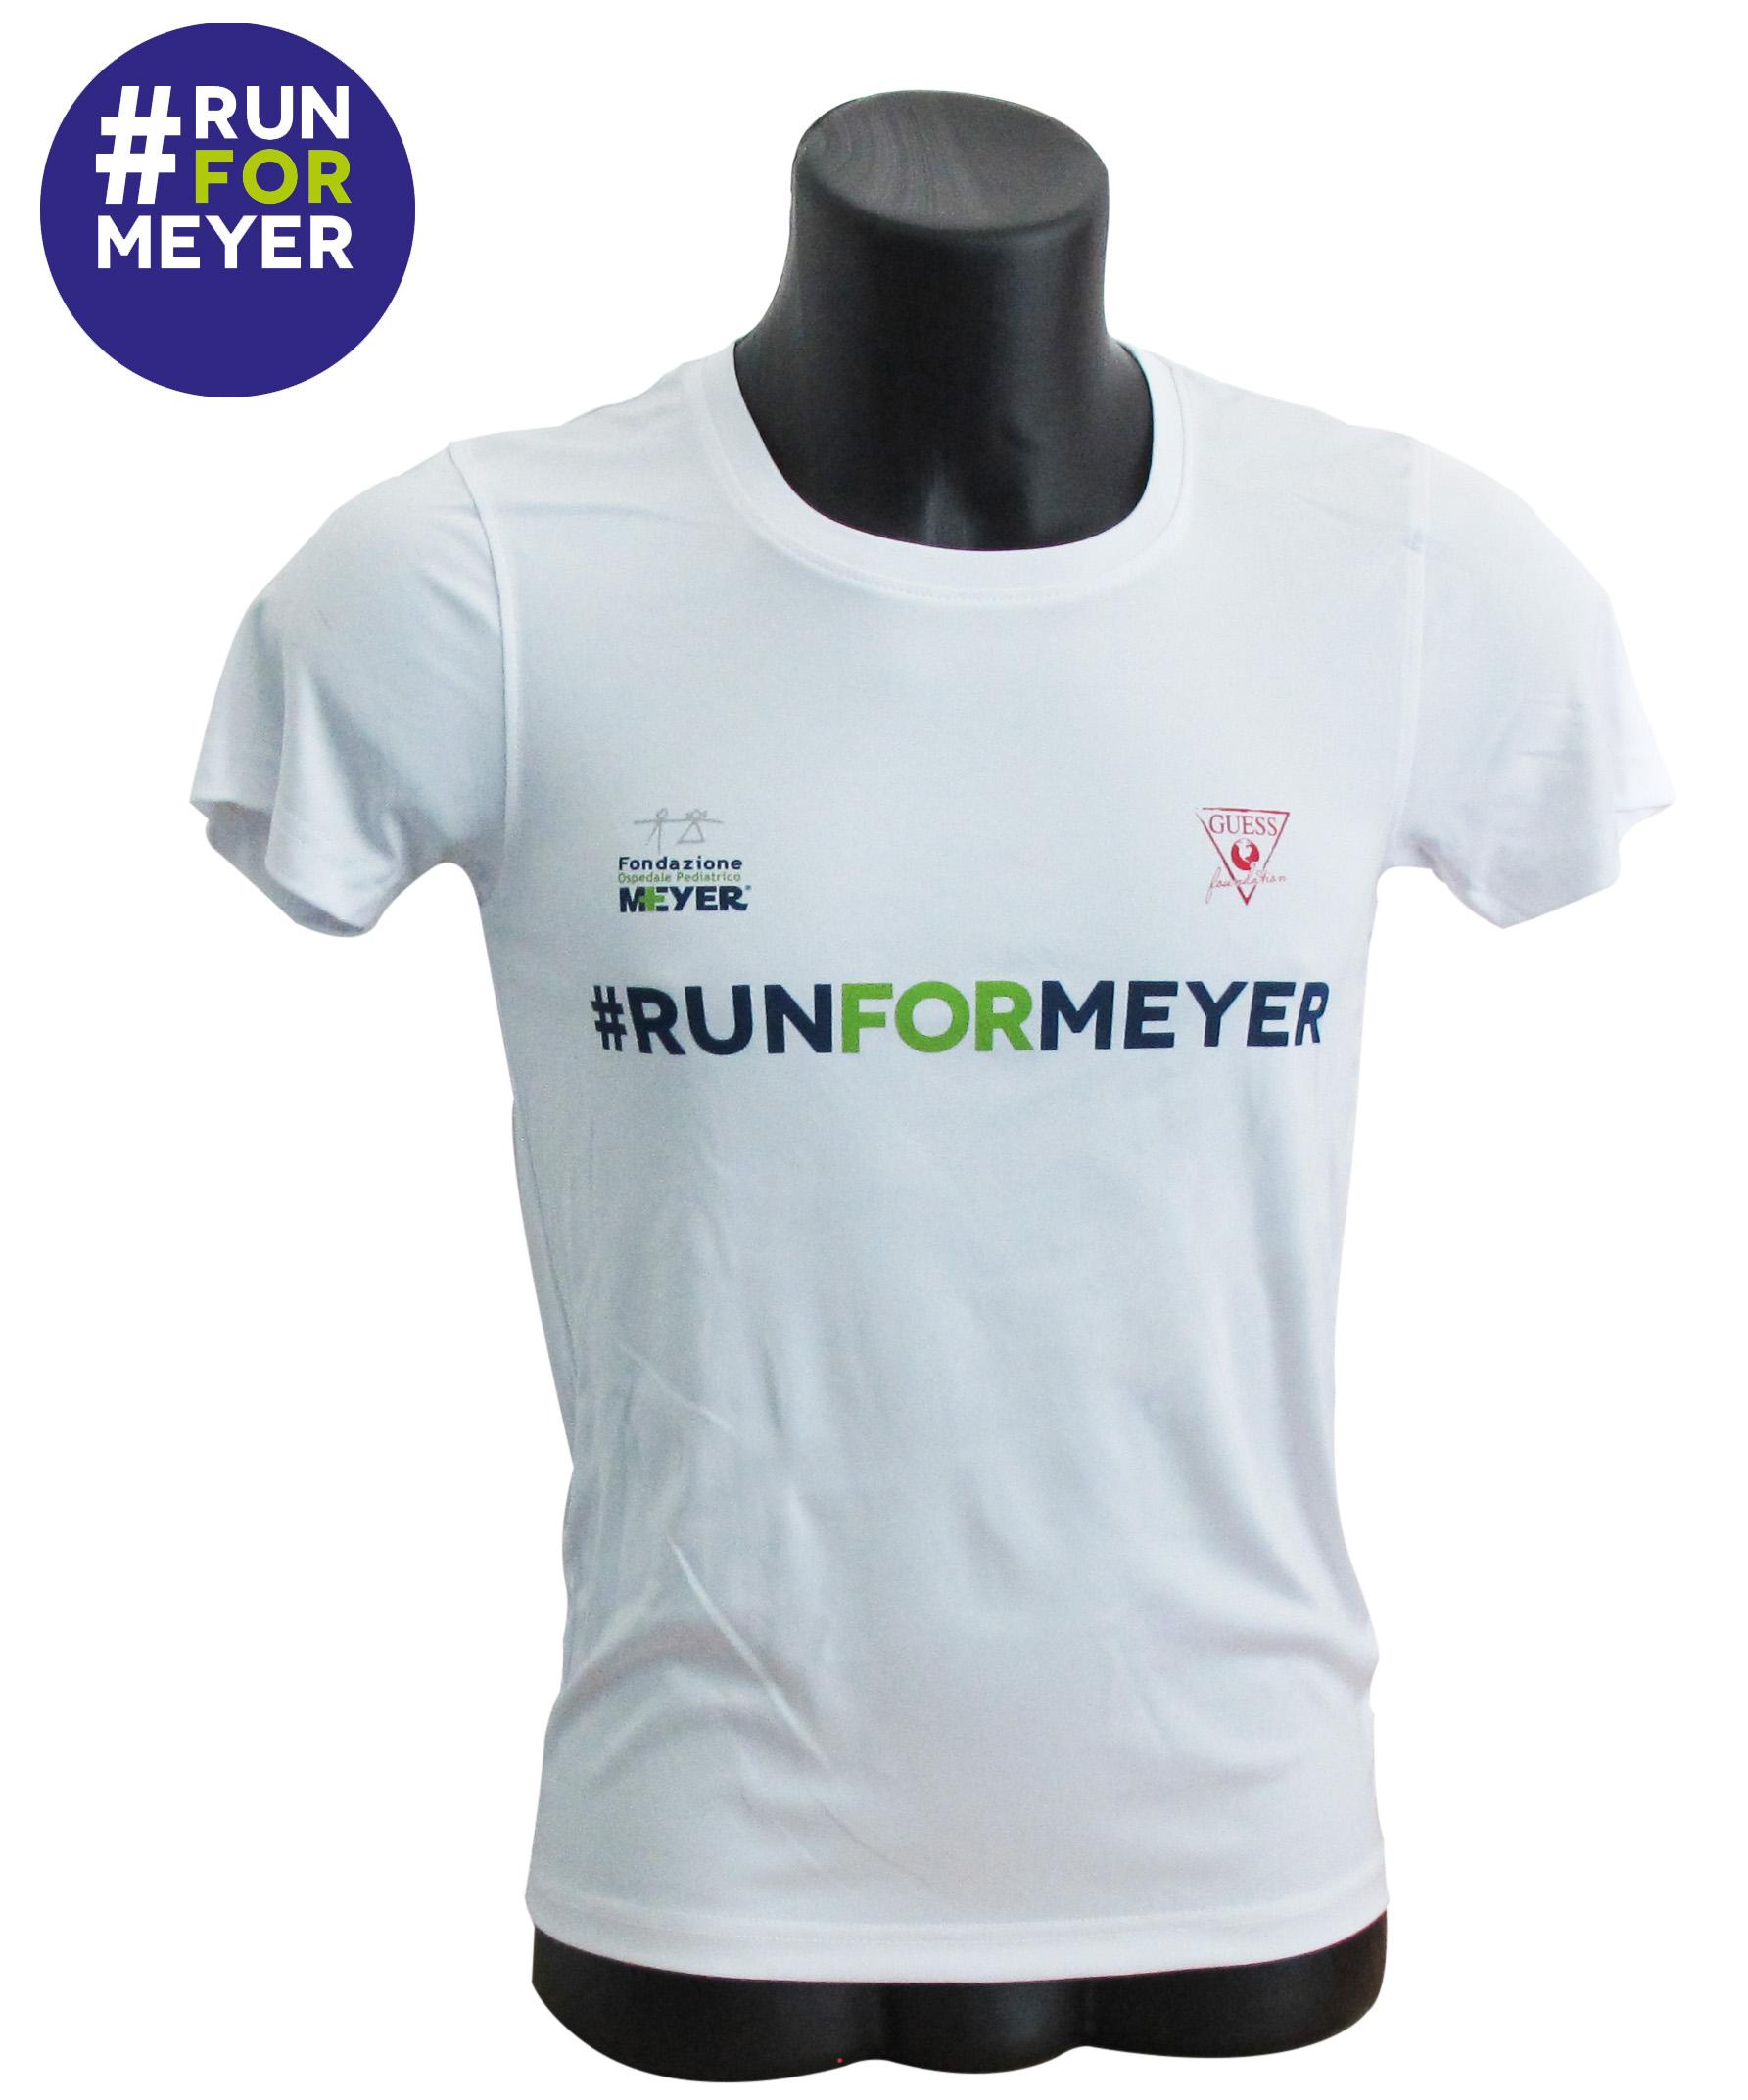 #runformeyer t-shirt tecnica da running